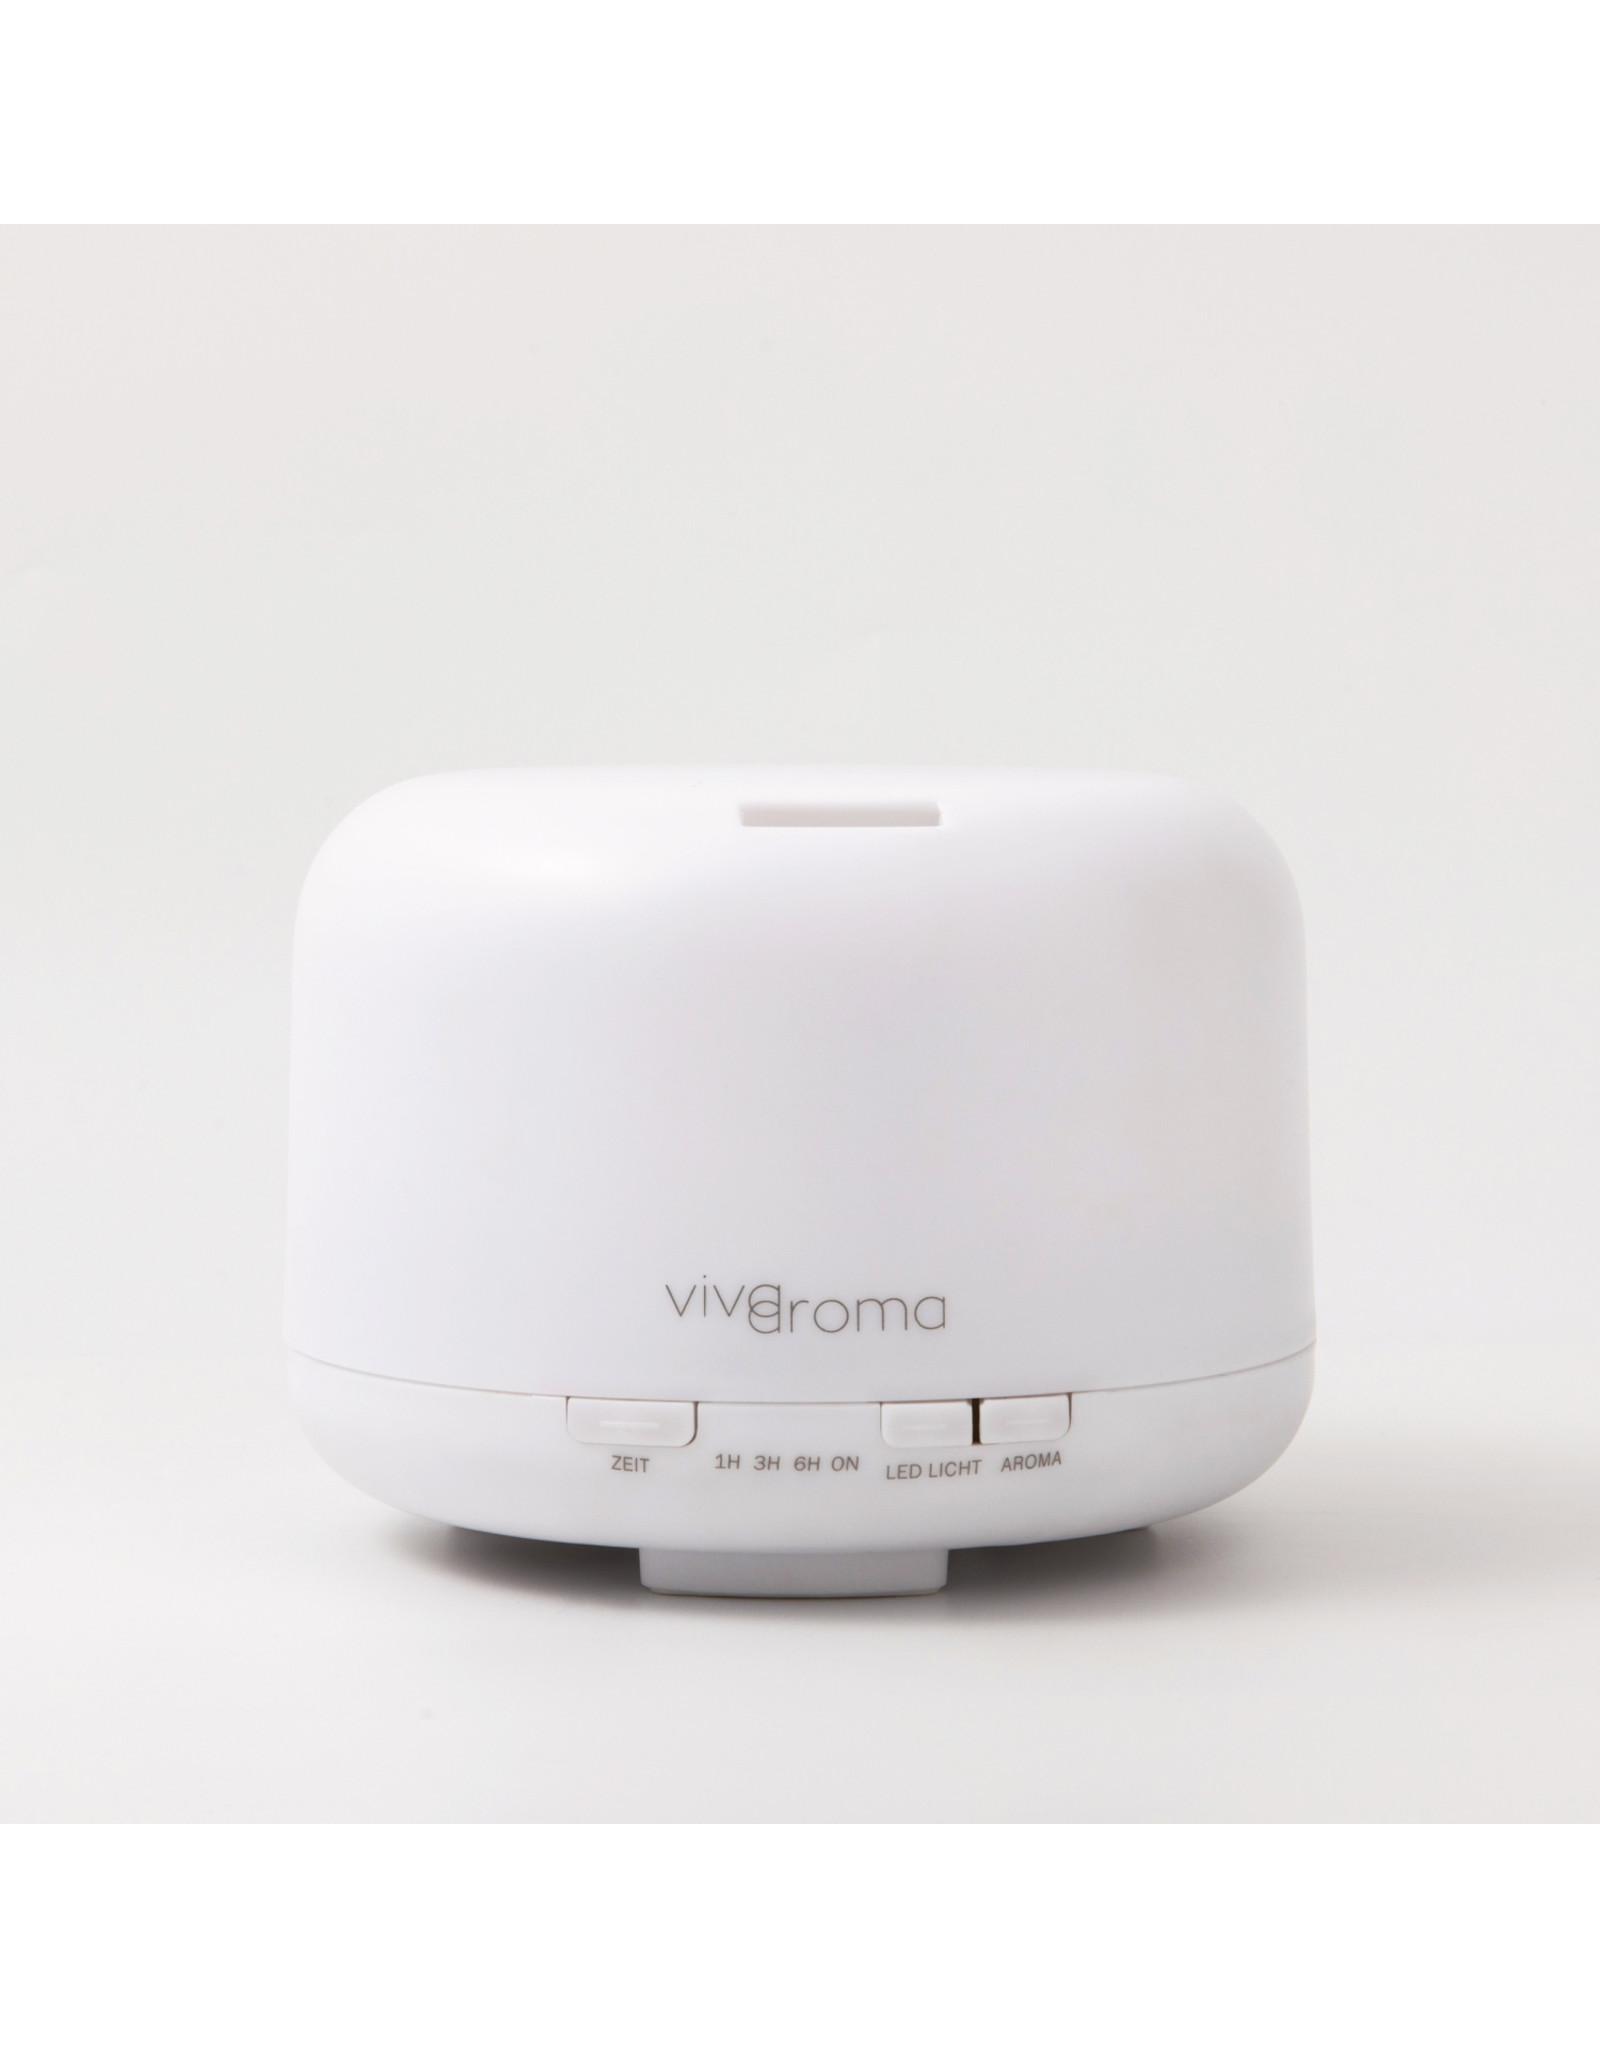 INVITALIS VIVAAROMA 500ml - Mod 2, Weiß